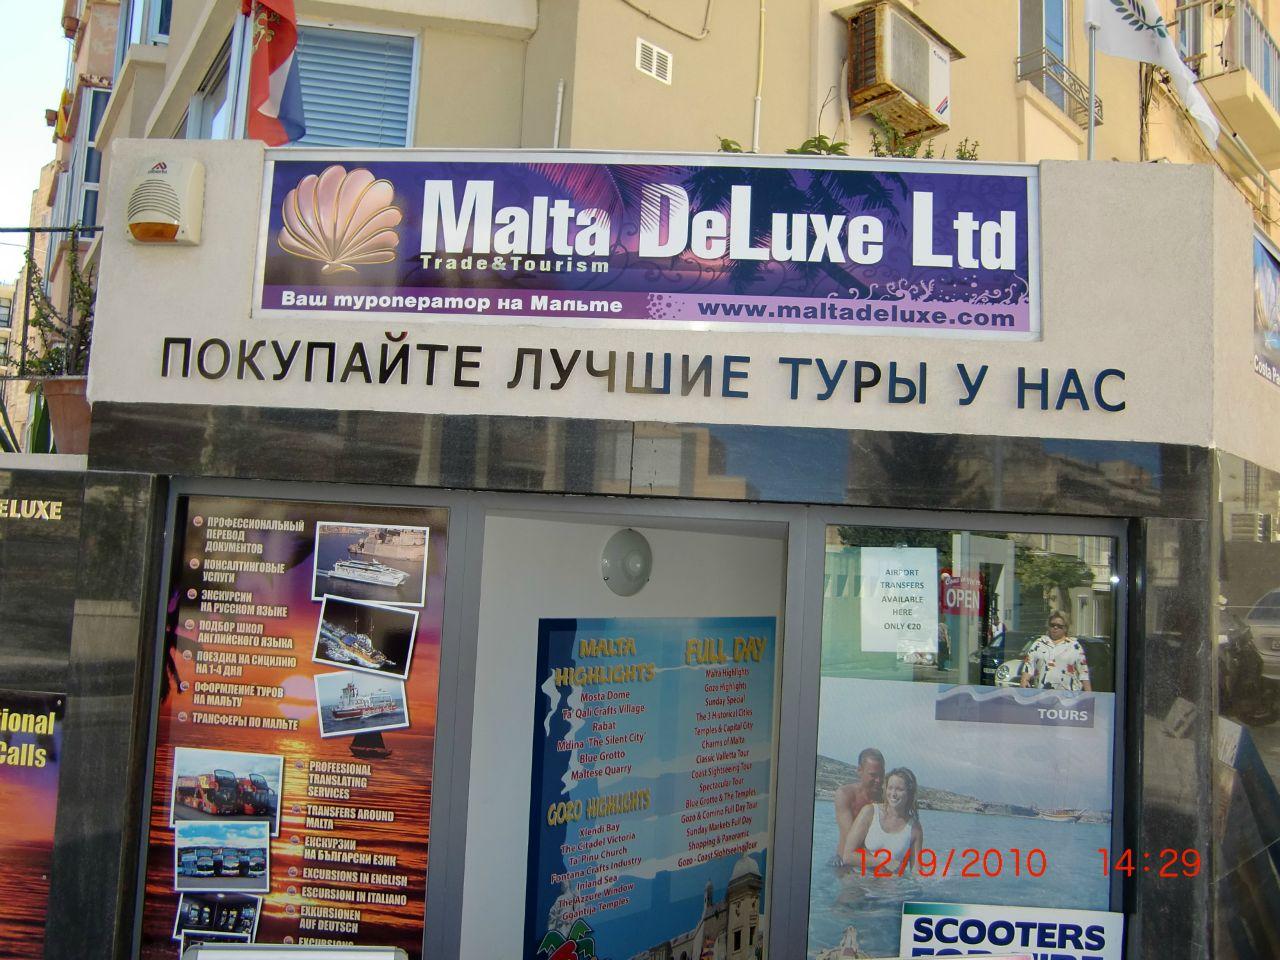 http://f.otzyv.ru/f/08/09/21723/1693/11091116274810.jpg